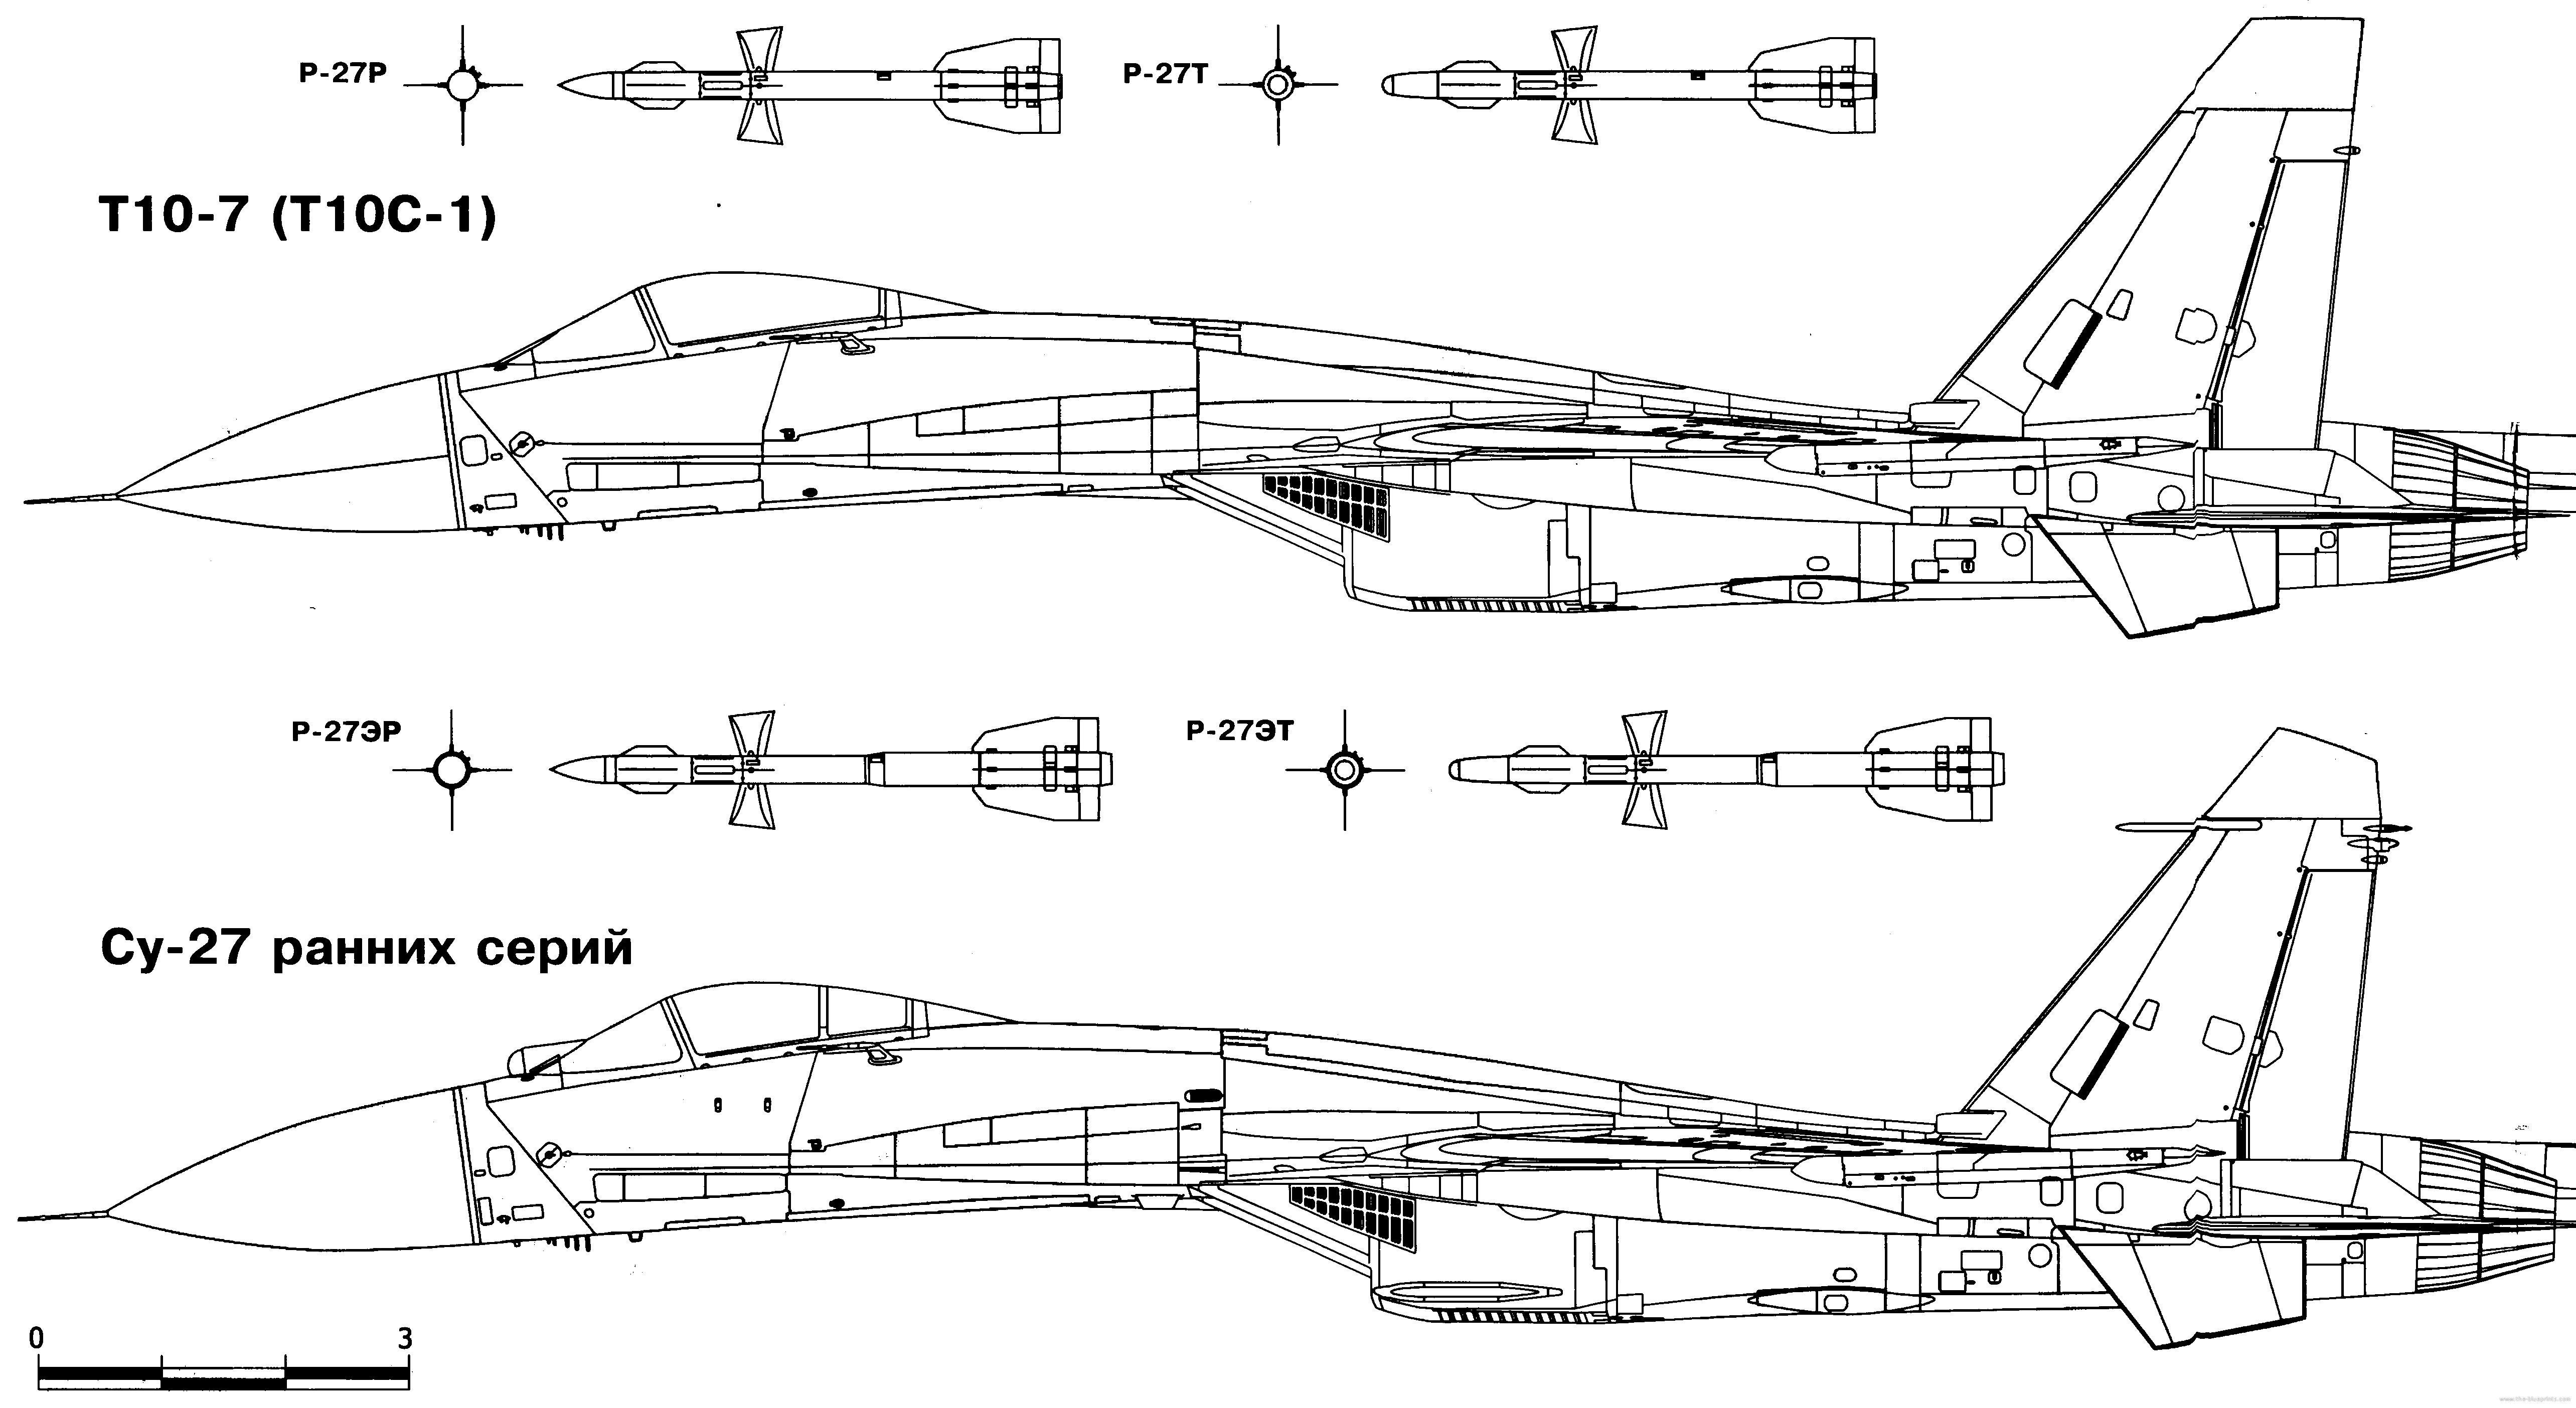 sukhojj su 27 11 the blueprints com blueprints \u003e modern airplanes \u003e sukhoi su-27 em diagram at crackthecode.co